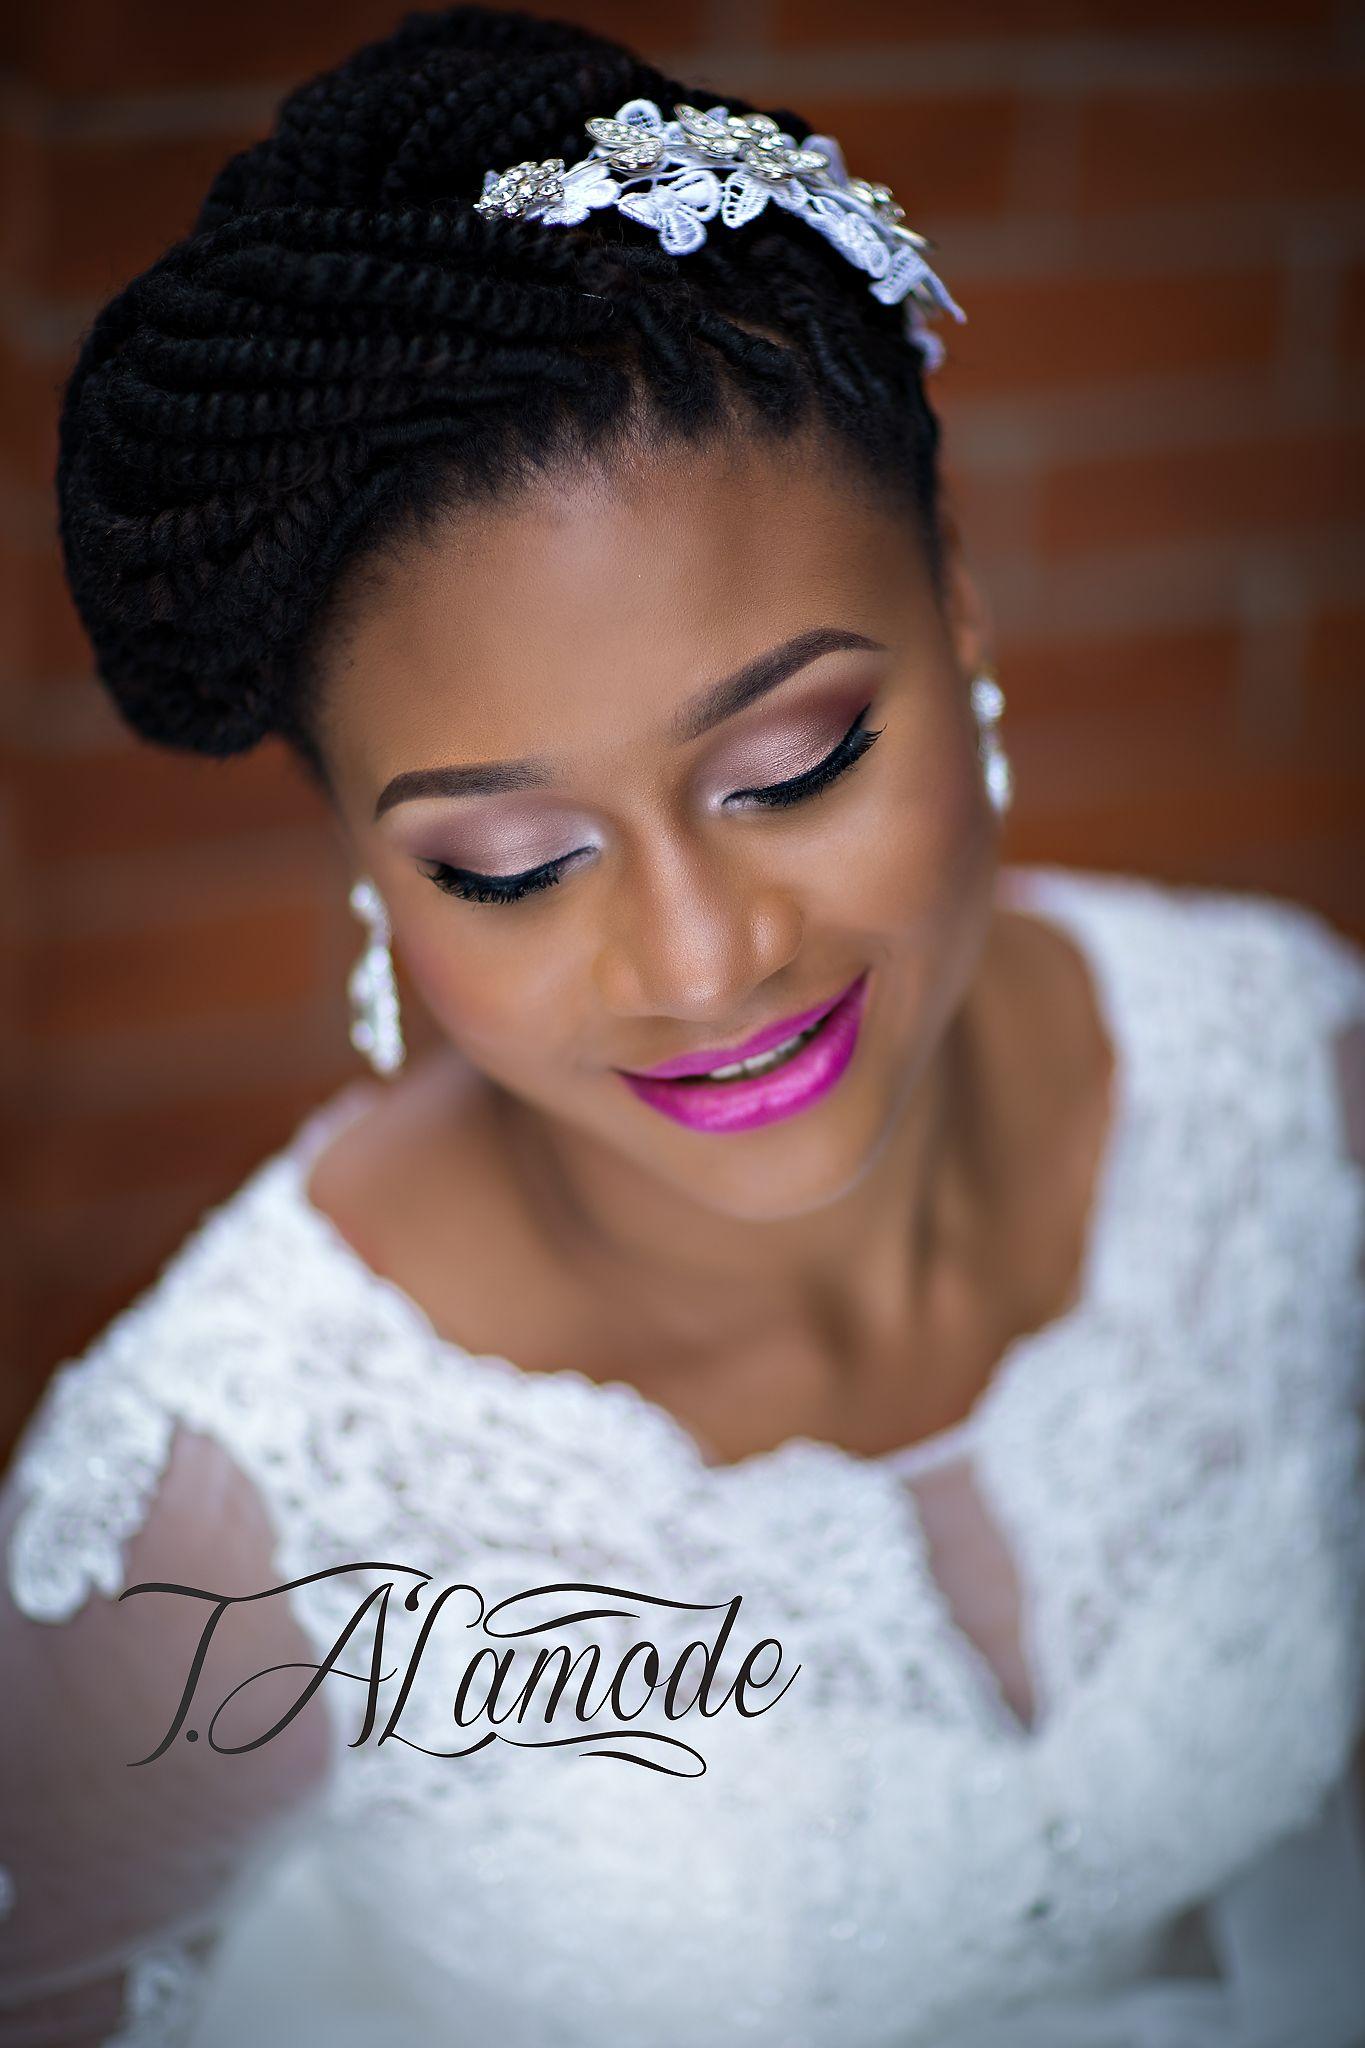 nigerian bridal natural hair and makeup shoot - black bride